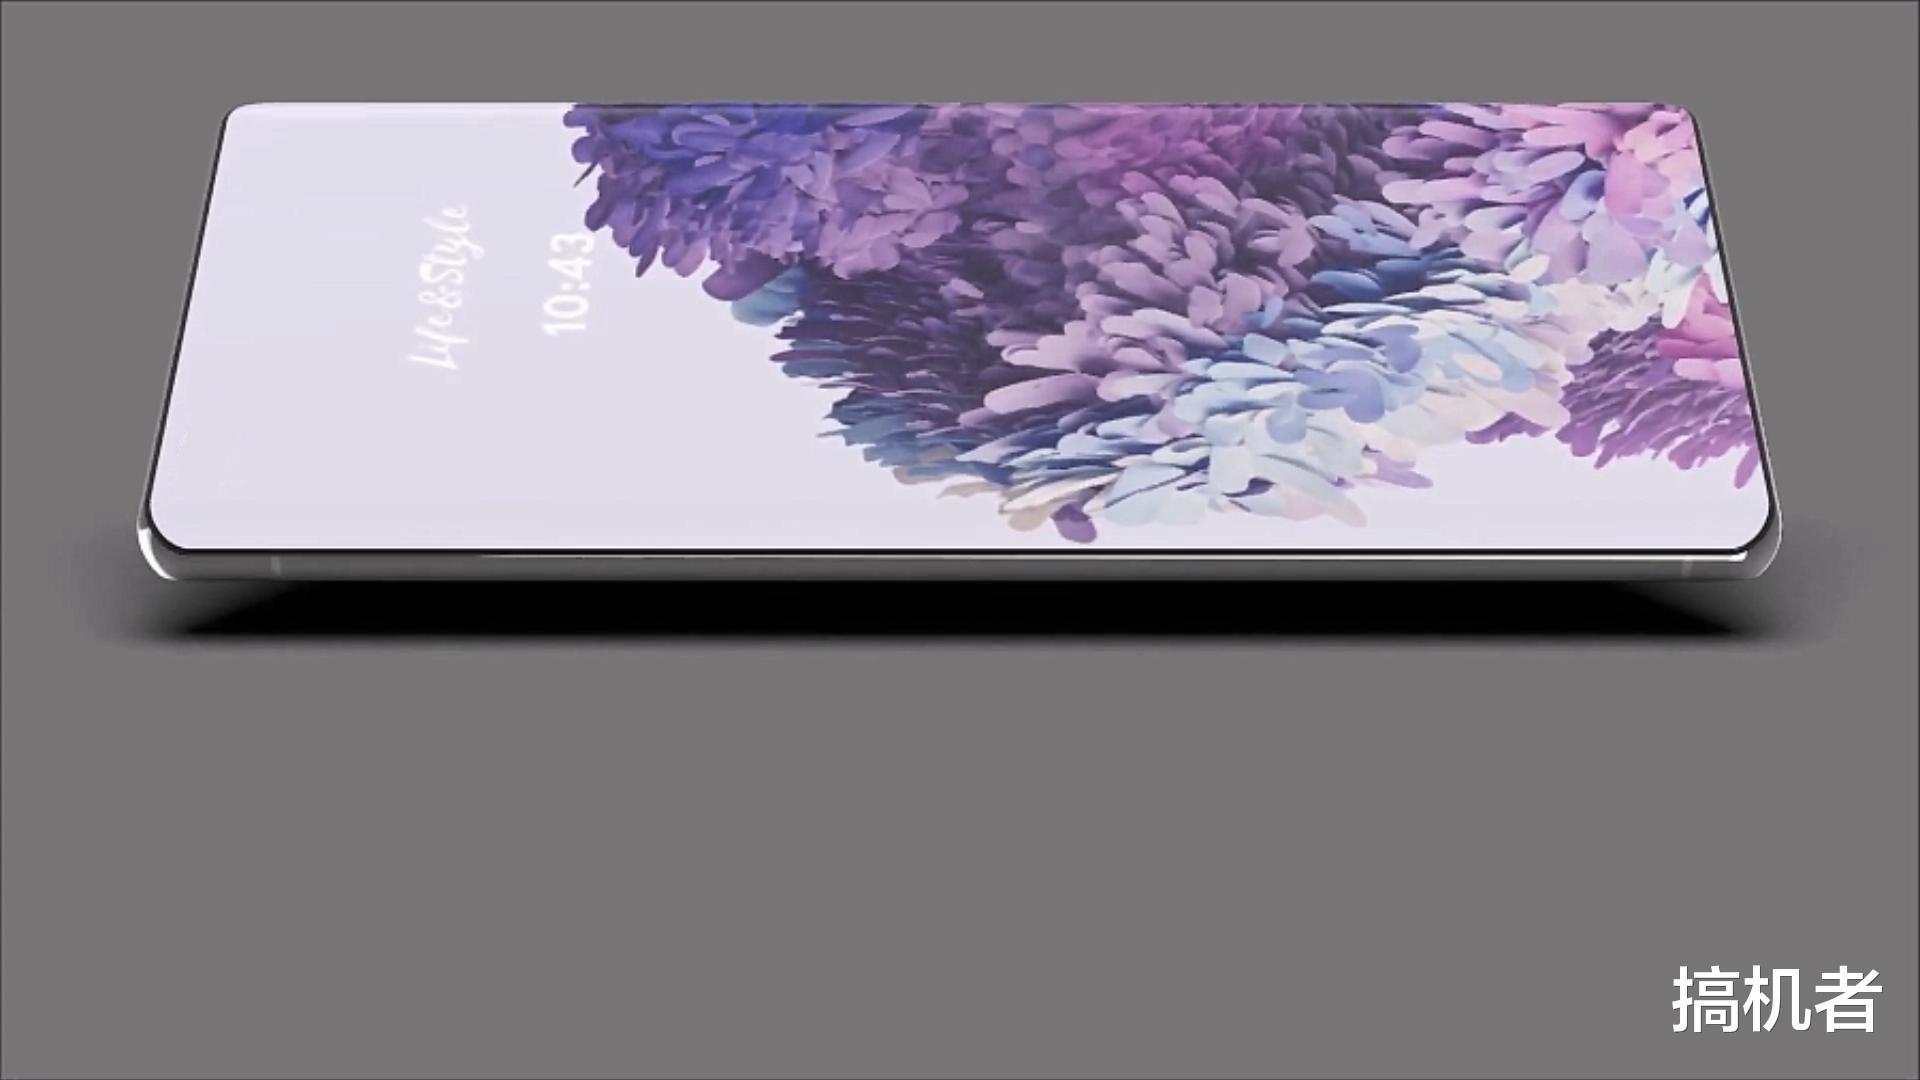 华为Mate50Pro设计理念超前,采用前后无打孔双屏幕的设 好物评测 第5张